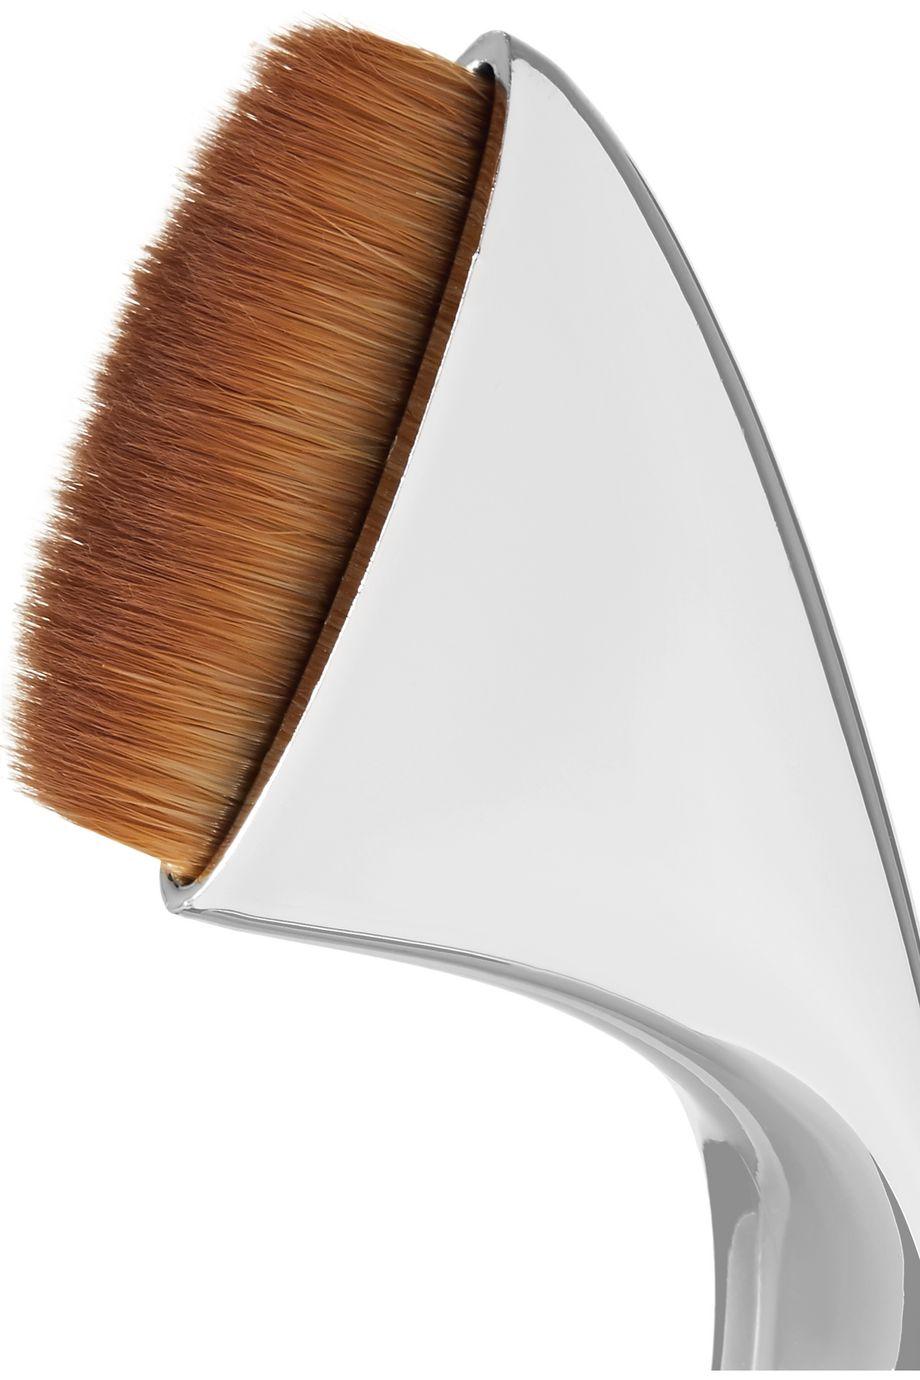 Artis Brush Fluenta Linear 3 Brush